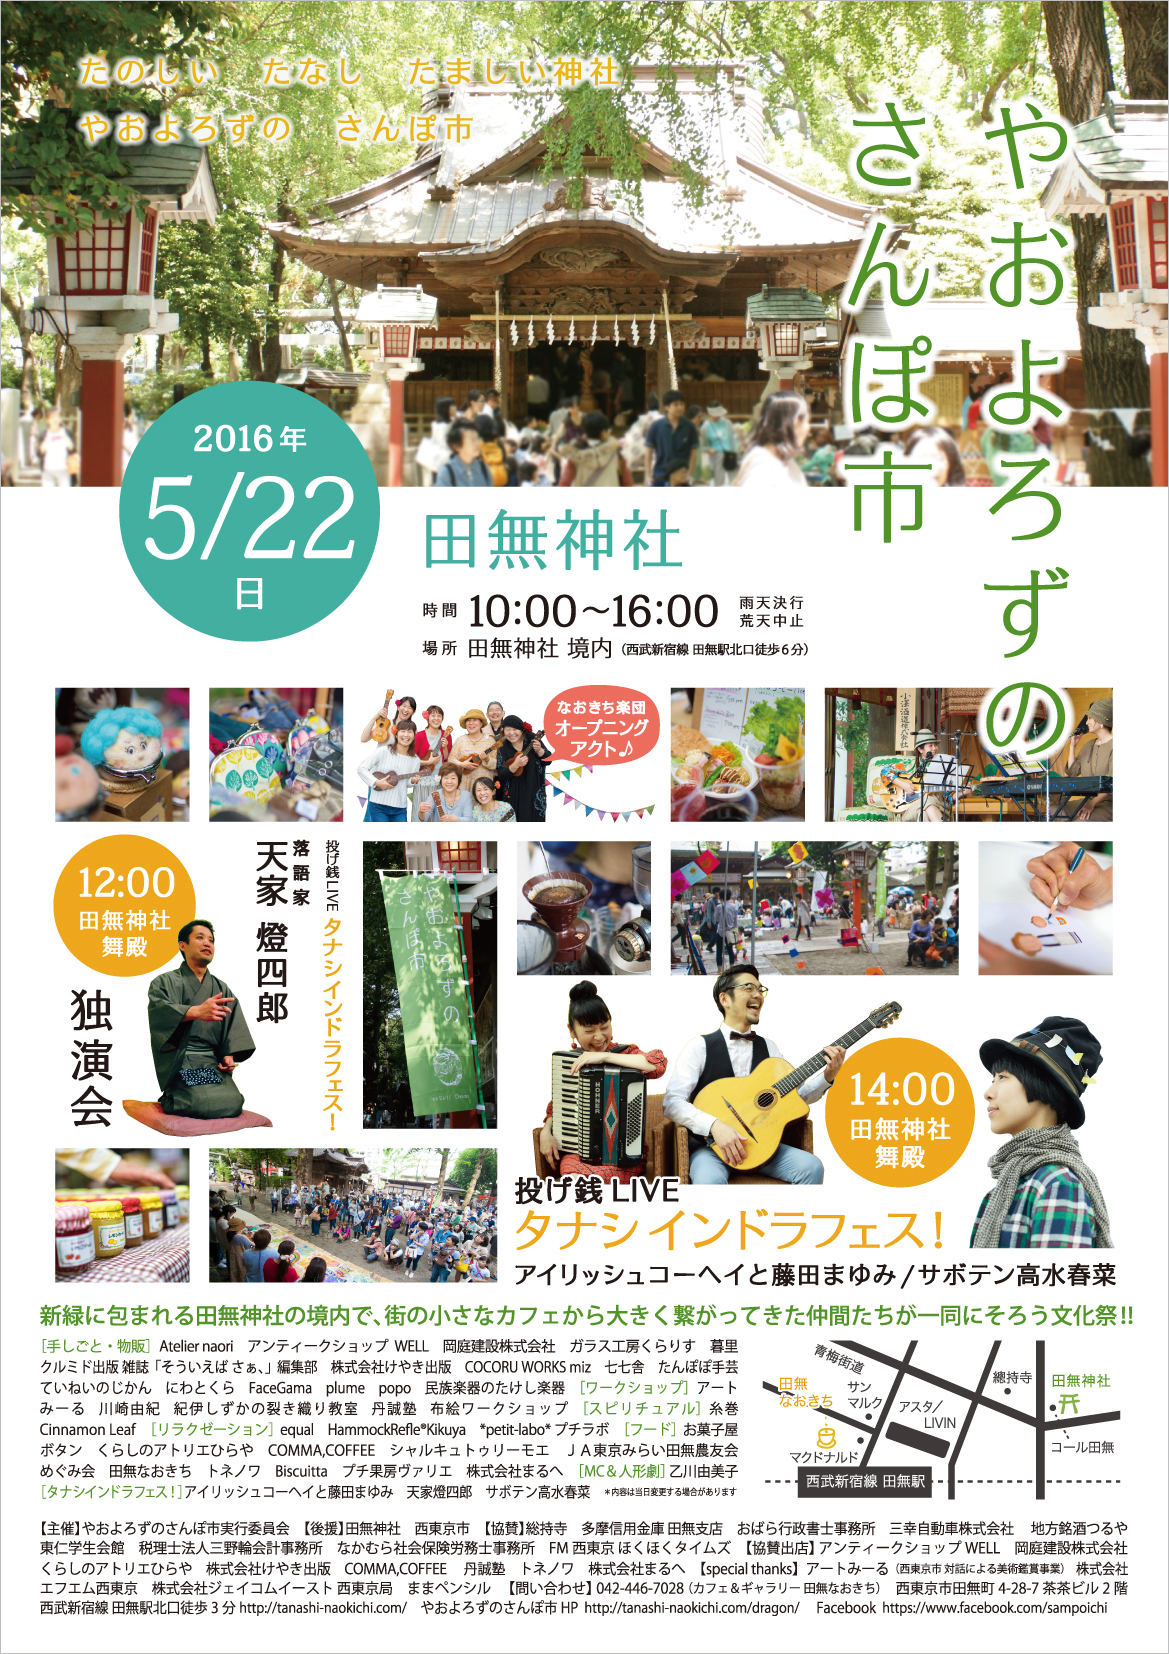 poster_sanpoichi16_20160512095112432.jpg